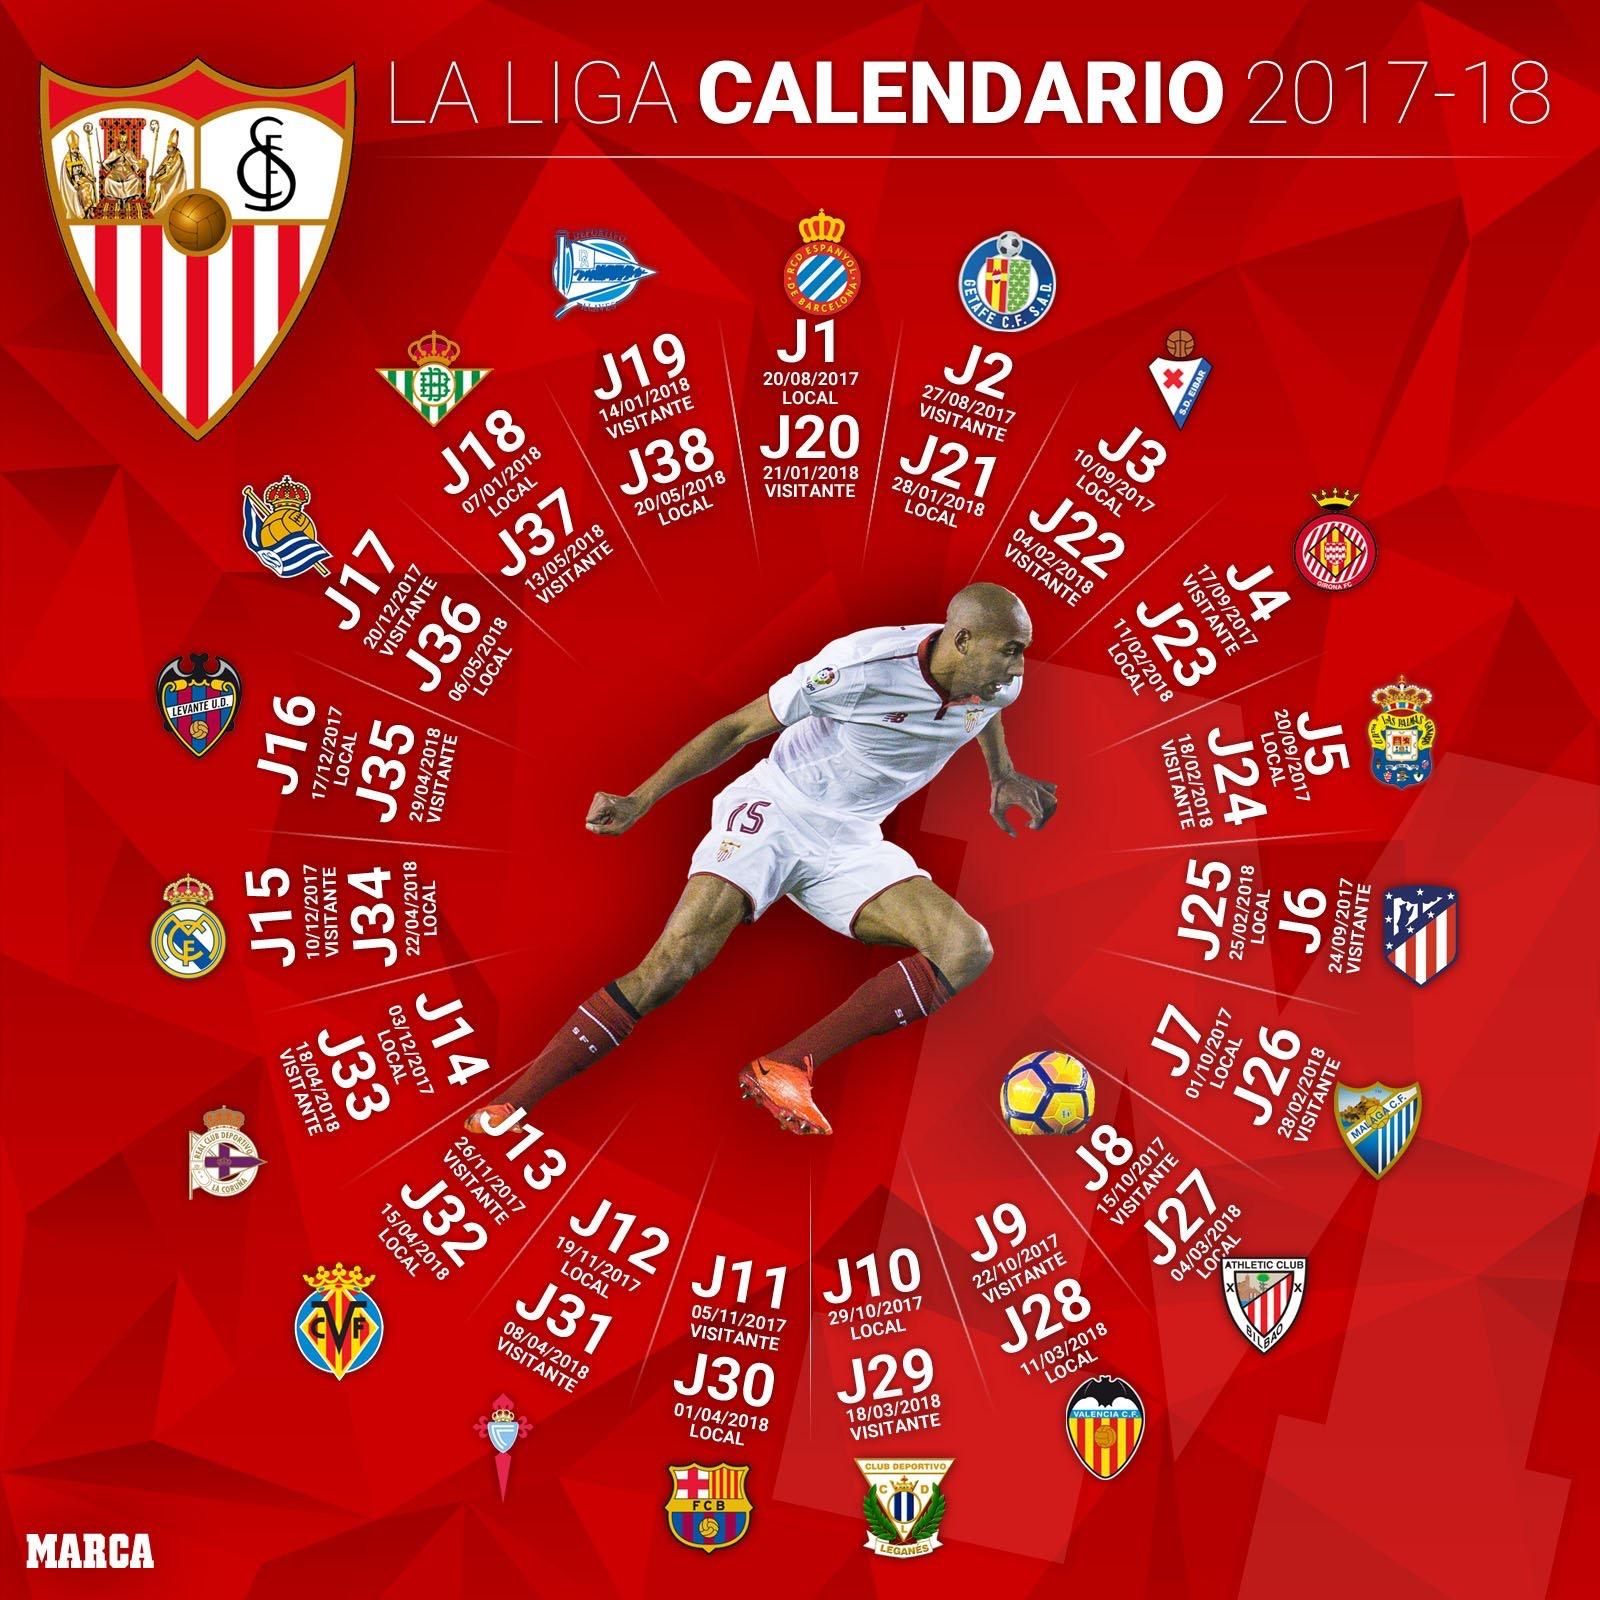 Calendario Sevilla.Foto Calendario Compacto Del Sevilla Fc Vamos Mi Sevilla 5 0